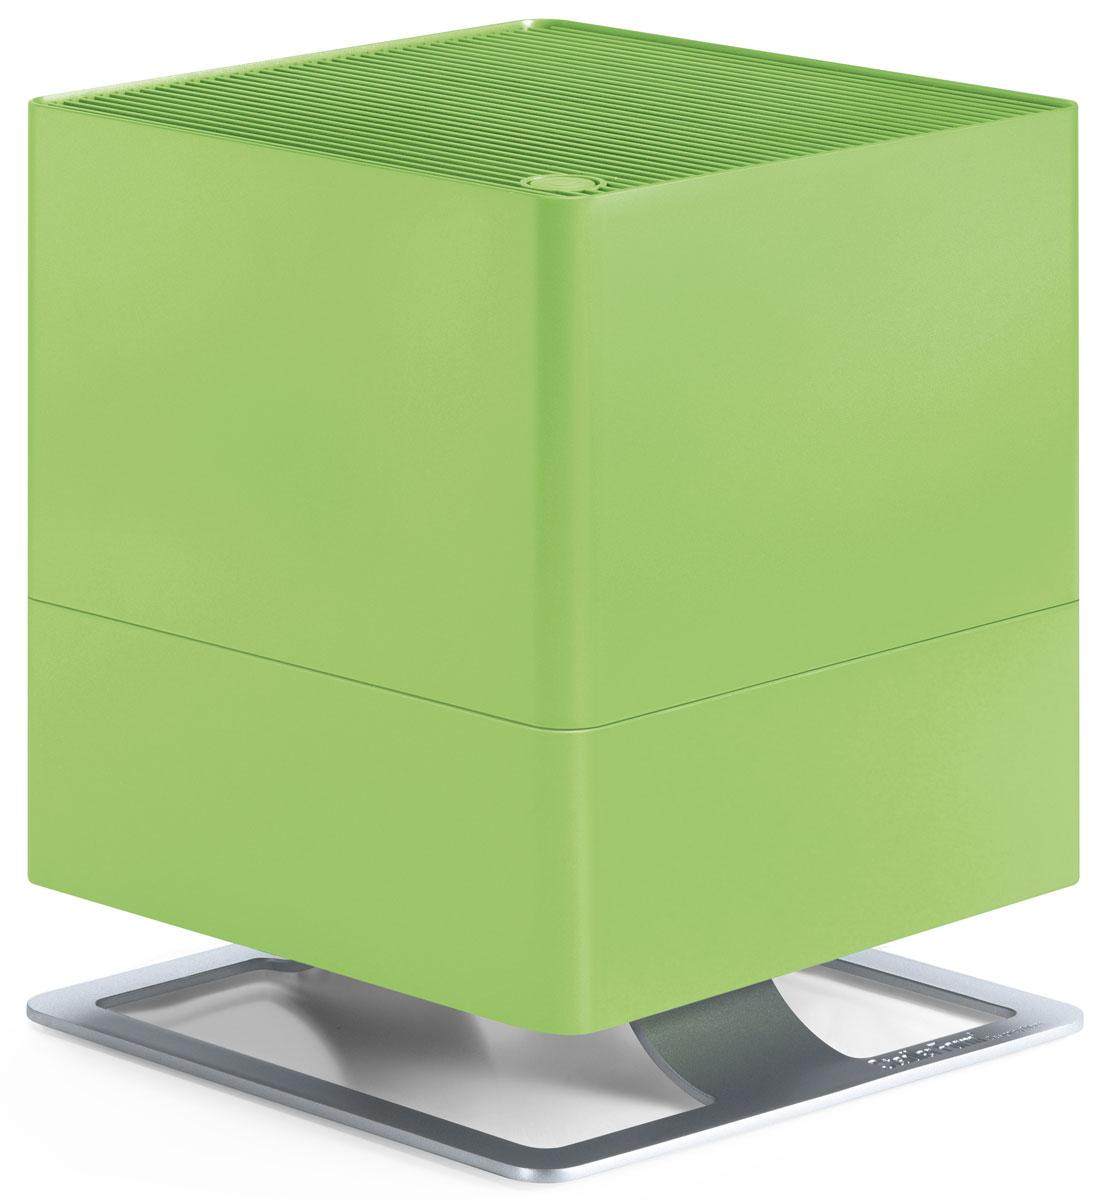 Stadler Form Oskar, Lime увлажнитель воздуха0802322005578Поддержание оптимального уровня влажности - актуальная необходимость для помещений, где работают кондиционеры, отопительные приборы, для оранжерей и медицинских учреждений. Stadler Form Oskar - это идеальный выбор, ведь в таких помещениях очень важно сбалансированное сочетание высокой производительности и умеренного энергопотребления. Соблюдение этого баланса - главное достоинство увлажнителя Oskar: при производительности около 300 мл/час, его энергопотребление составляет всего 18 Вт. Это соответствует его работе на максимальной мощности, что позволяет за короткий срок значительно повысить уровень влажности. Дальнейшая работа увлажнителя регулируется двумя параметрами. Во-первых, устанавливается желаемый процент влажности, по достижению которого прибор отключается по команде встроенного гигростата. Во-вторых, из четырех скоростей воздушного потока можно выбрать желаемую вручную, таким образом настроив интенсивность работы вентилятора.Принцип работы Stadler Form Oskar - естественное увлажнение, которое осуществляется испарением влаги с поверхности антибактериальных фильтров. Это позволяет, во-первых, не допустить образования белого налета, которым сопровождается работа ультразвукового увлажнителя. Во-вторых, наличие таких фильтров предотвращает развитие бактерий в резервуаре с водой и, соответственно, их дальнейшее попадание во вдыхаемый воздух.Долив воды можно осуществлять во время работы прибора, а контроль ее уровня осуществлять через специальное смотровое отверстие. Помимо этого, для удобства обслуживания, Oskar оснащен таймером, который вовремя напомнит о необходимости сменить фильтр. Теперь у вас будет на одну заботу меньше.Невысокий уровень шума, особенно в ночном режиме, делает работу прибора почти незаметной. В ночном режиме также приглушается подсветка, что позволяет эффективно использовать прибор и во время сна.Ну и для полноты технологического совершенства, Oskar, помимо основной функции увлажнения,